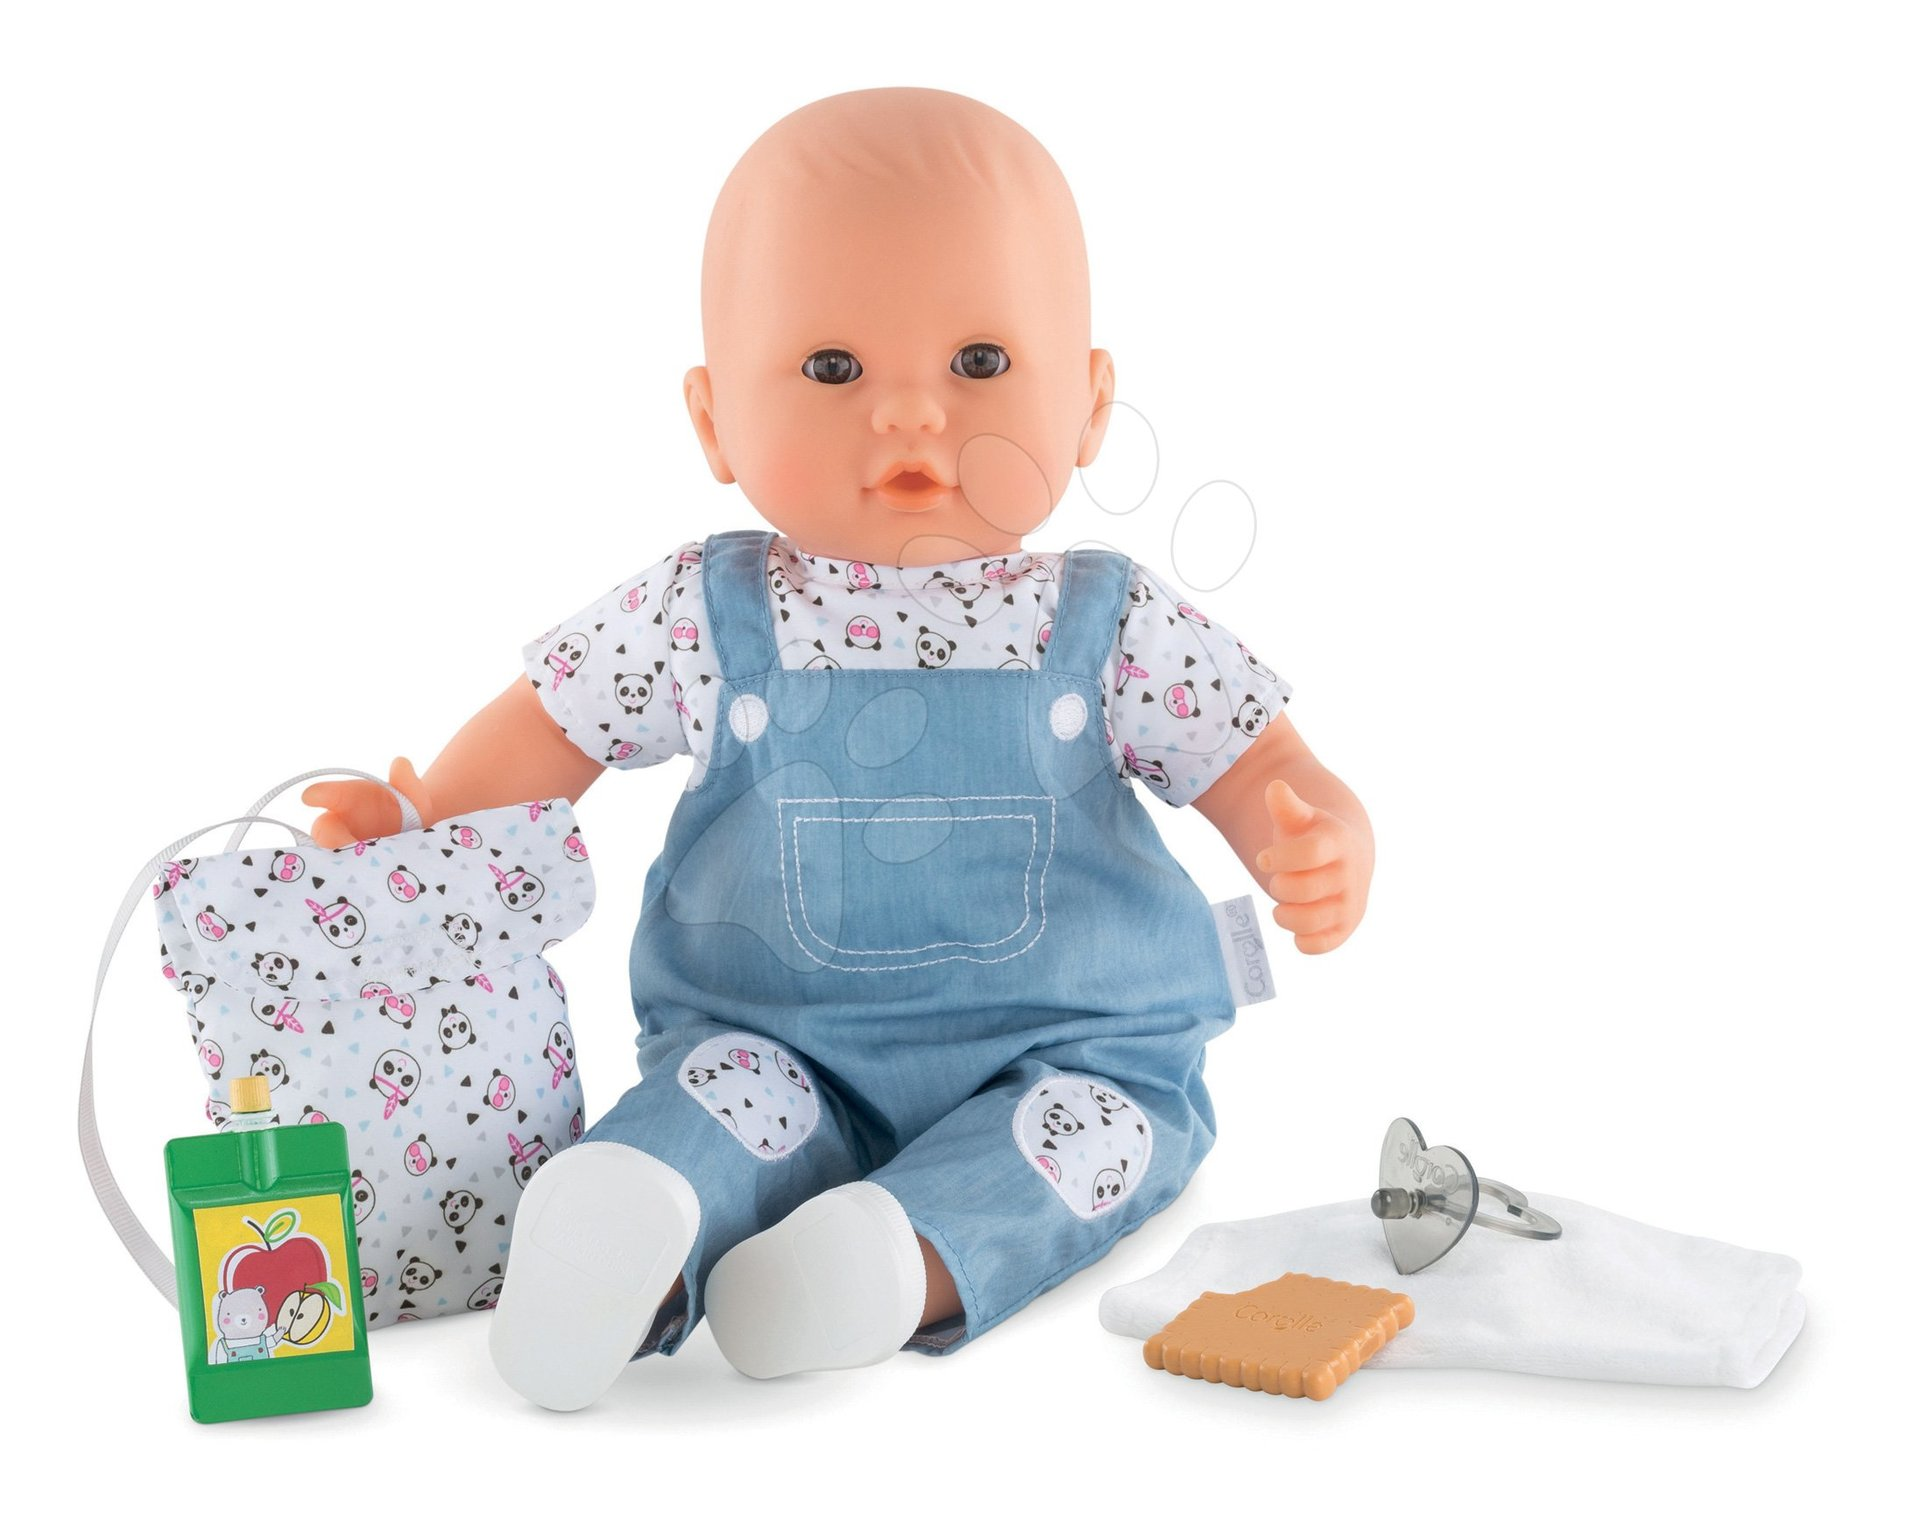 Panenky od 24 měsíců - Panenka Gaby jde do školky Mon Grand Poupon Corolle 36 cm s hnědými mrkacími očima a 5 doplňků od 24 měs